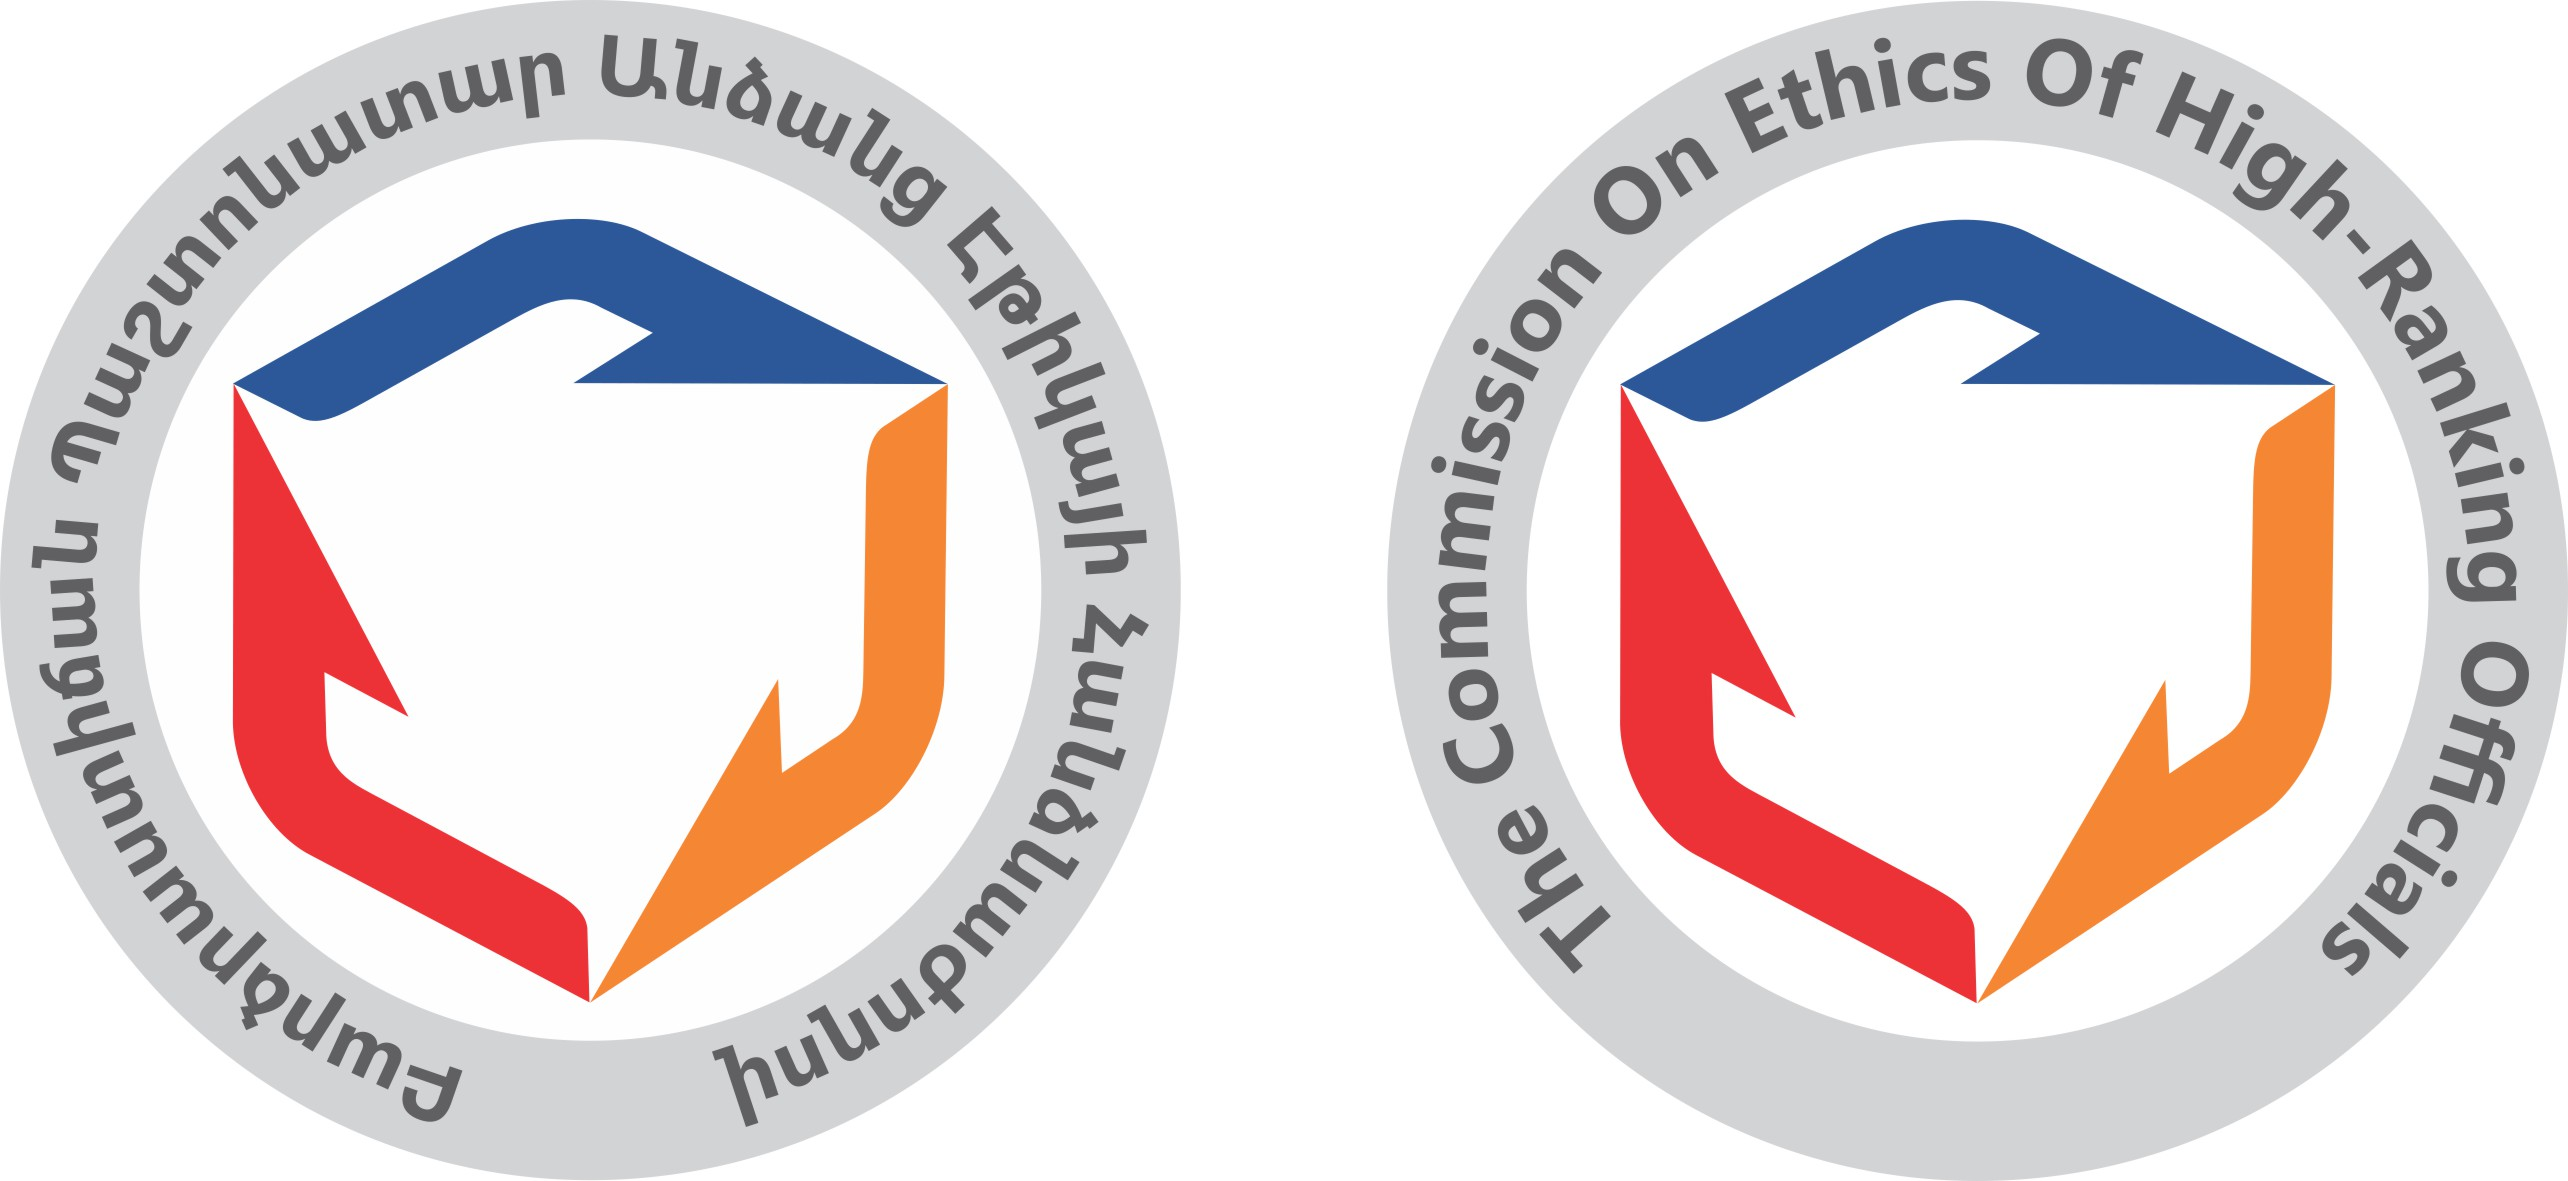 ՀՀ կառավարություն են ներկայացվում բարձրաստիճան պաշտոնատար անձանց շահերի բախման կանխարգելմանն ուղղված առաջարկություններ